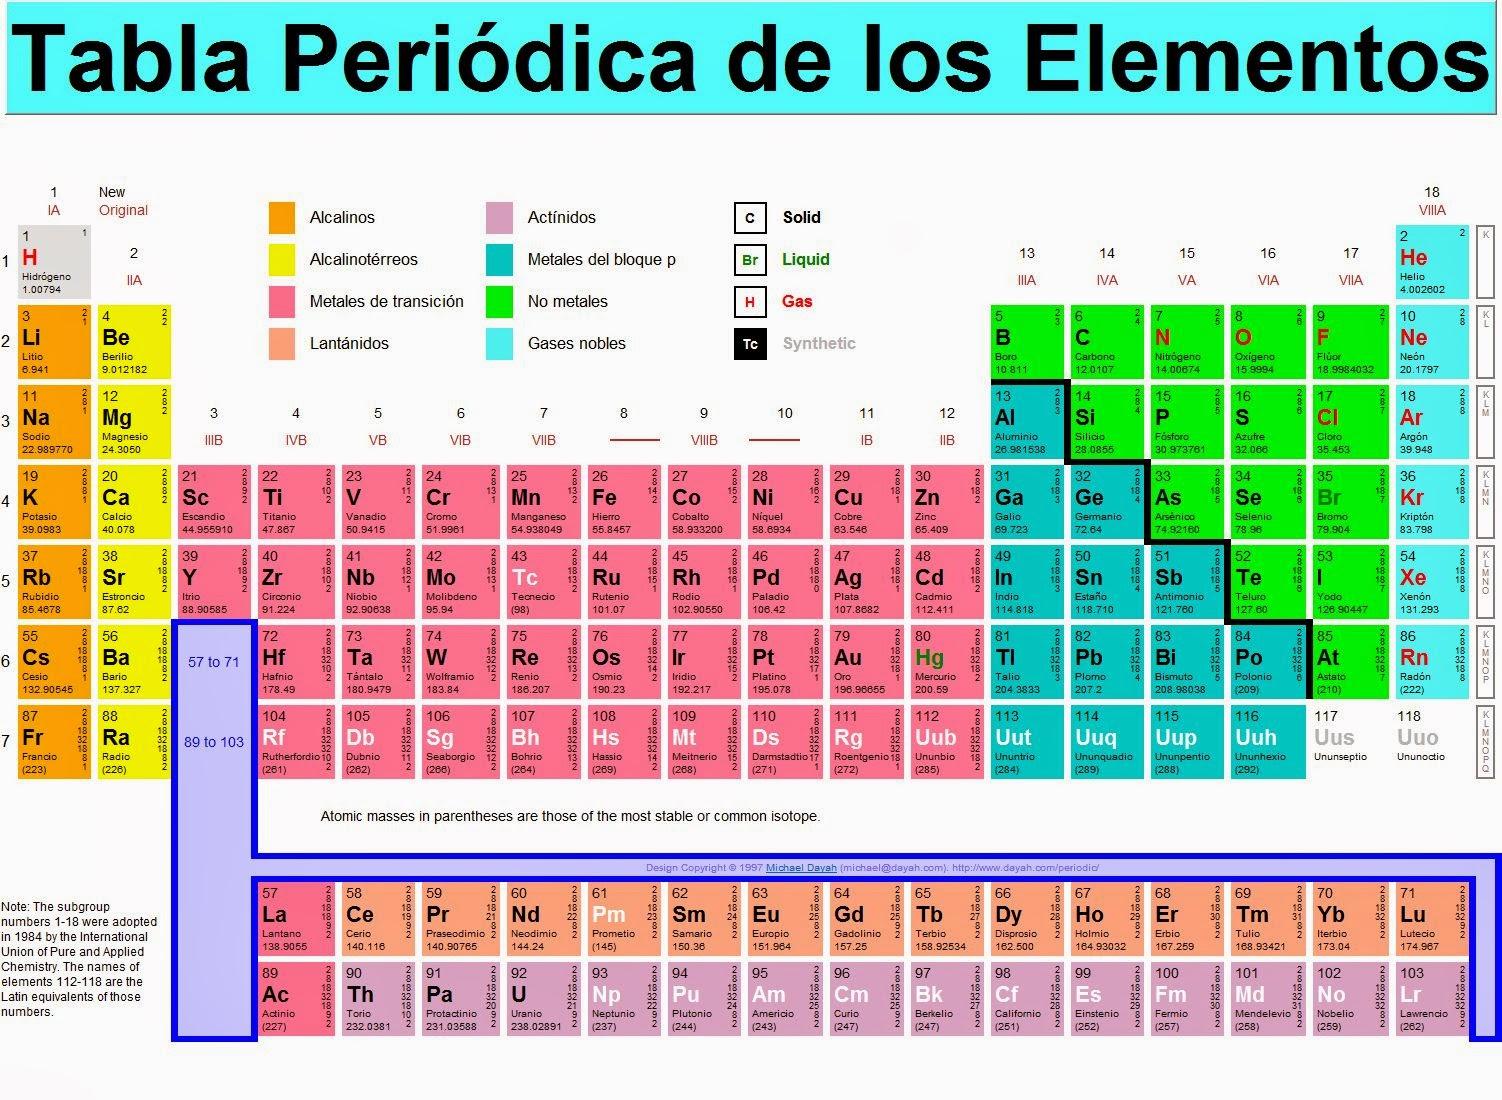 Recuperacin qumica i bloque iv interpretas la tabla peridica la tabla peridica de los elementos es una herramienta que clasifica organiza y distribuye los distintos elementos qumicos conforme a sus propiedades y urtaz Images